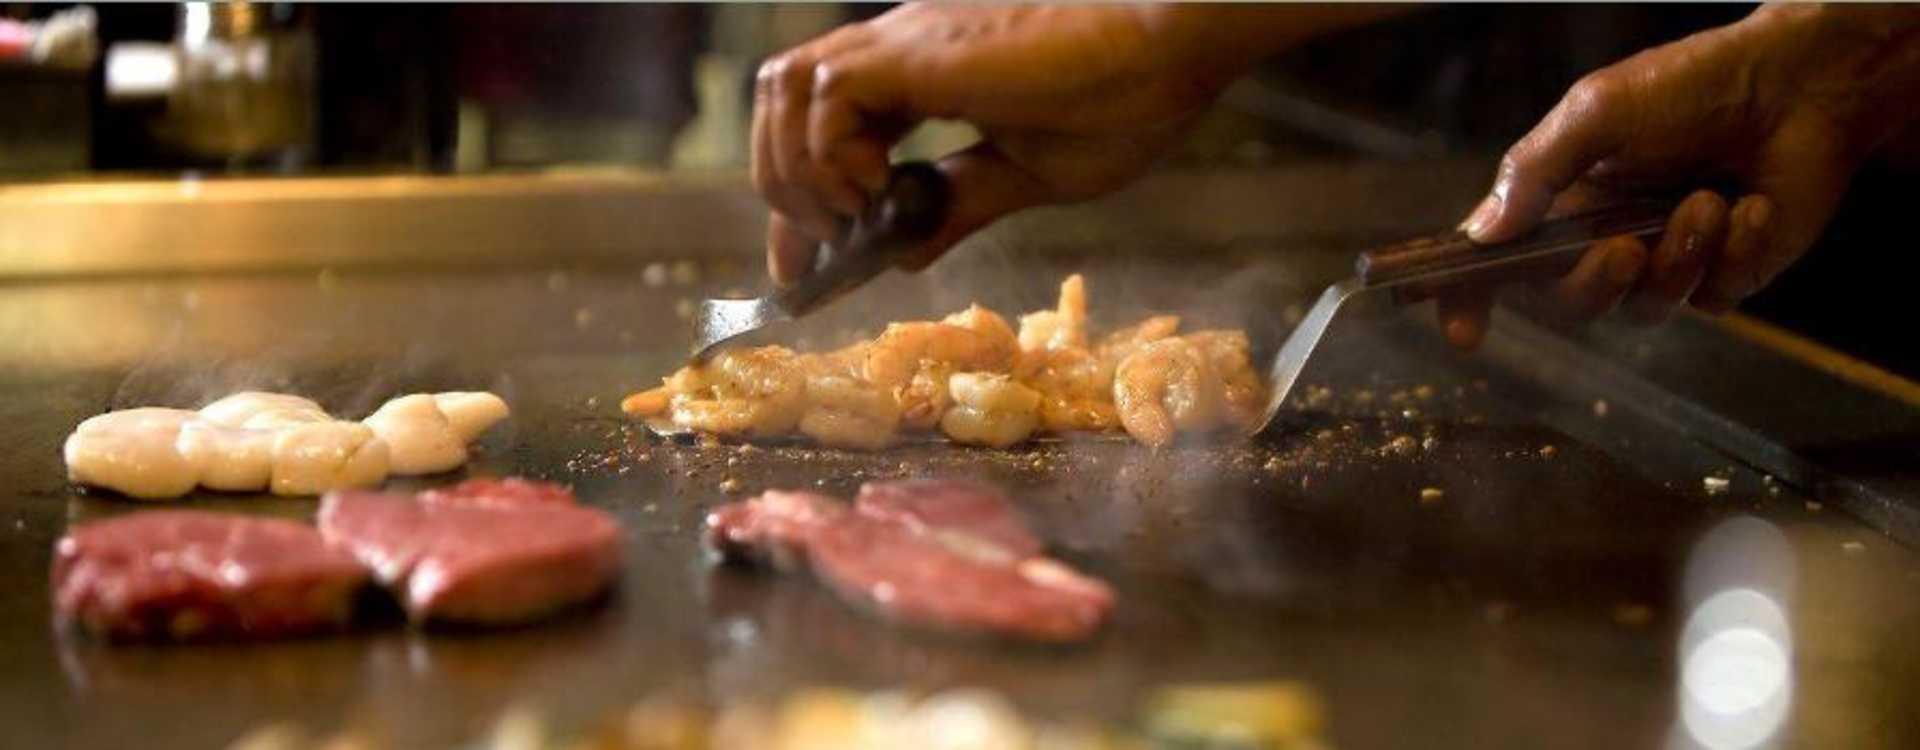 Mizu_Japanese_Steak_House-8.JPG